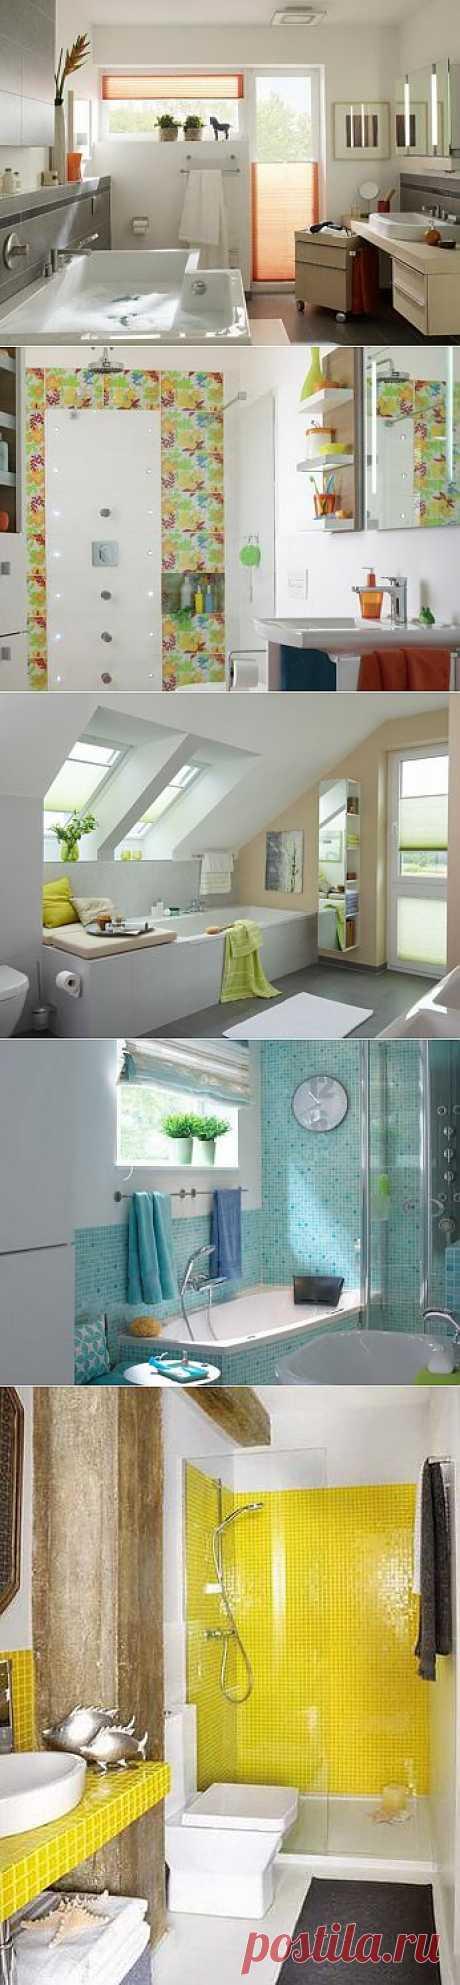 (+1) тема - Ремонт в ванной комнате | МОЙ ДОМ